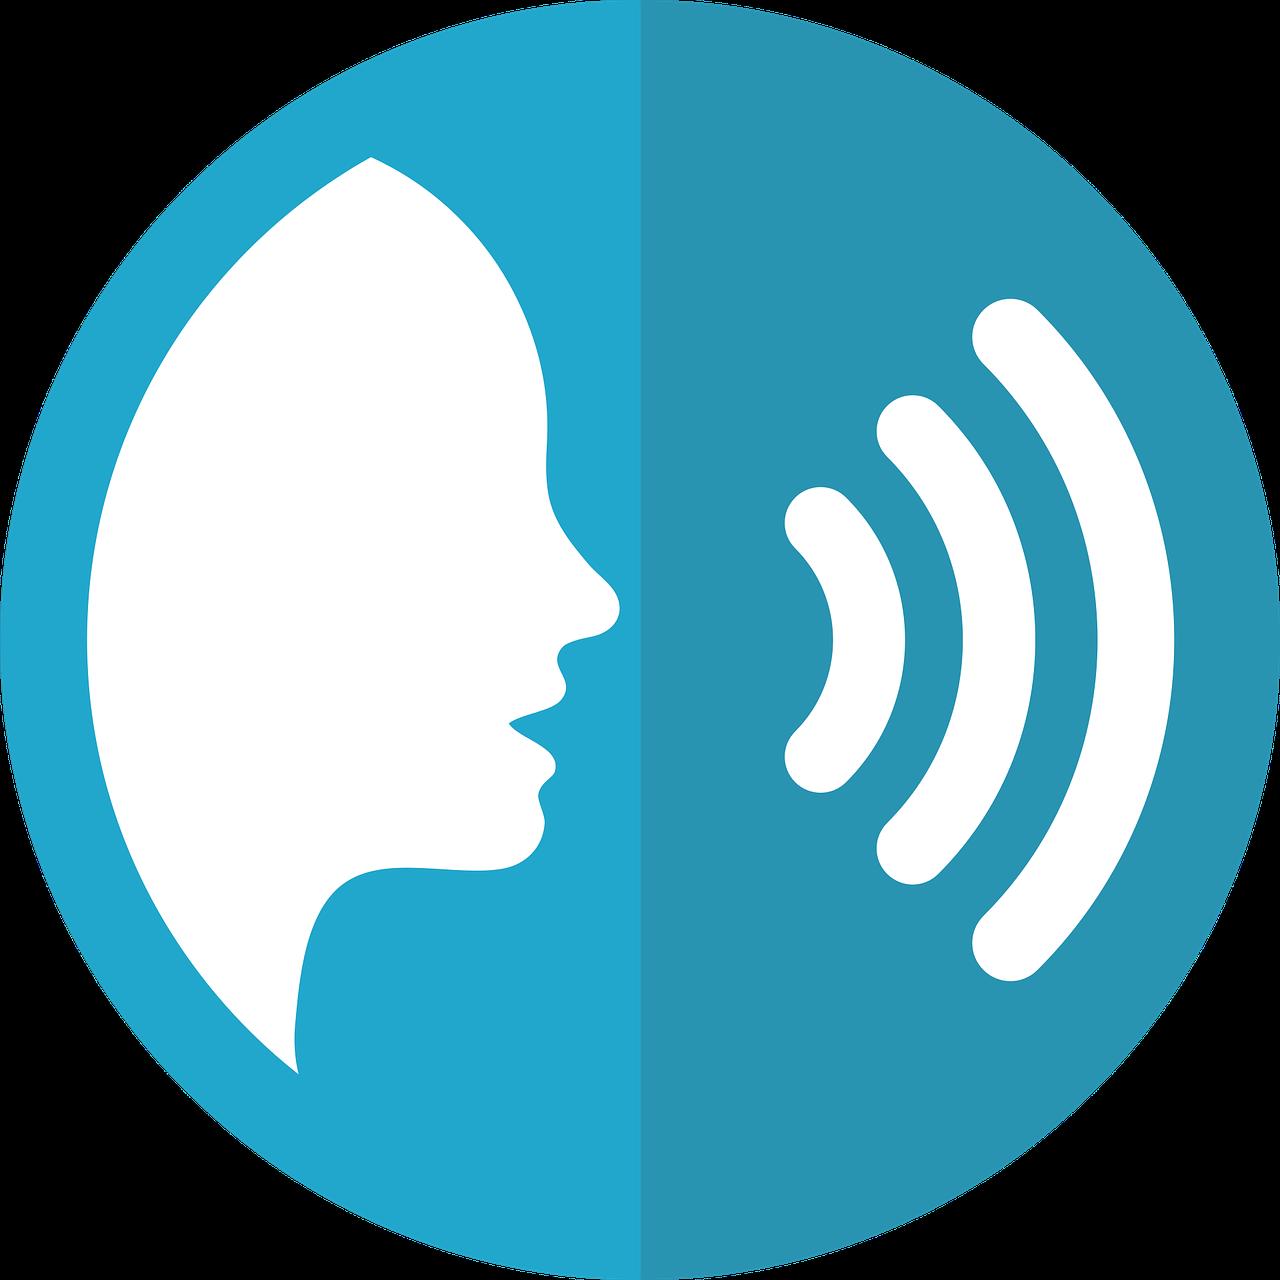 Obrázek: Cortana a Alexa se budou moci vzájemně přivolávat. Microsoft a Amazon zahajují spolupráci